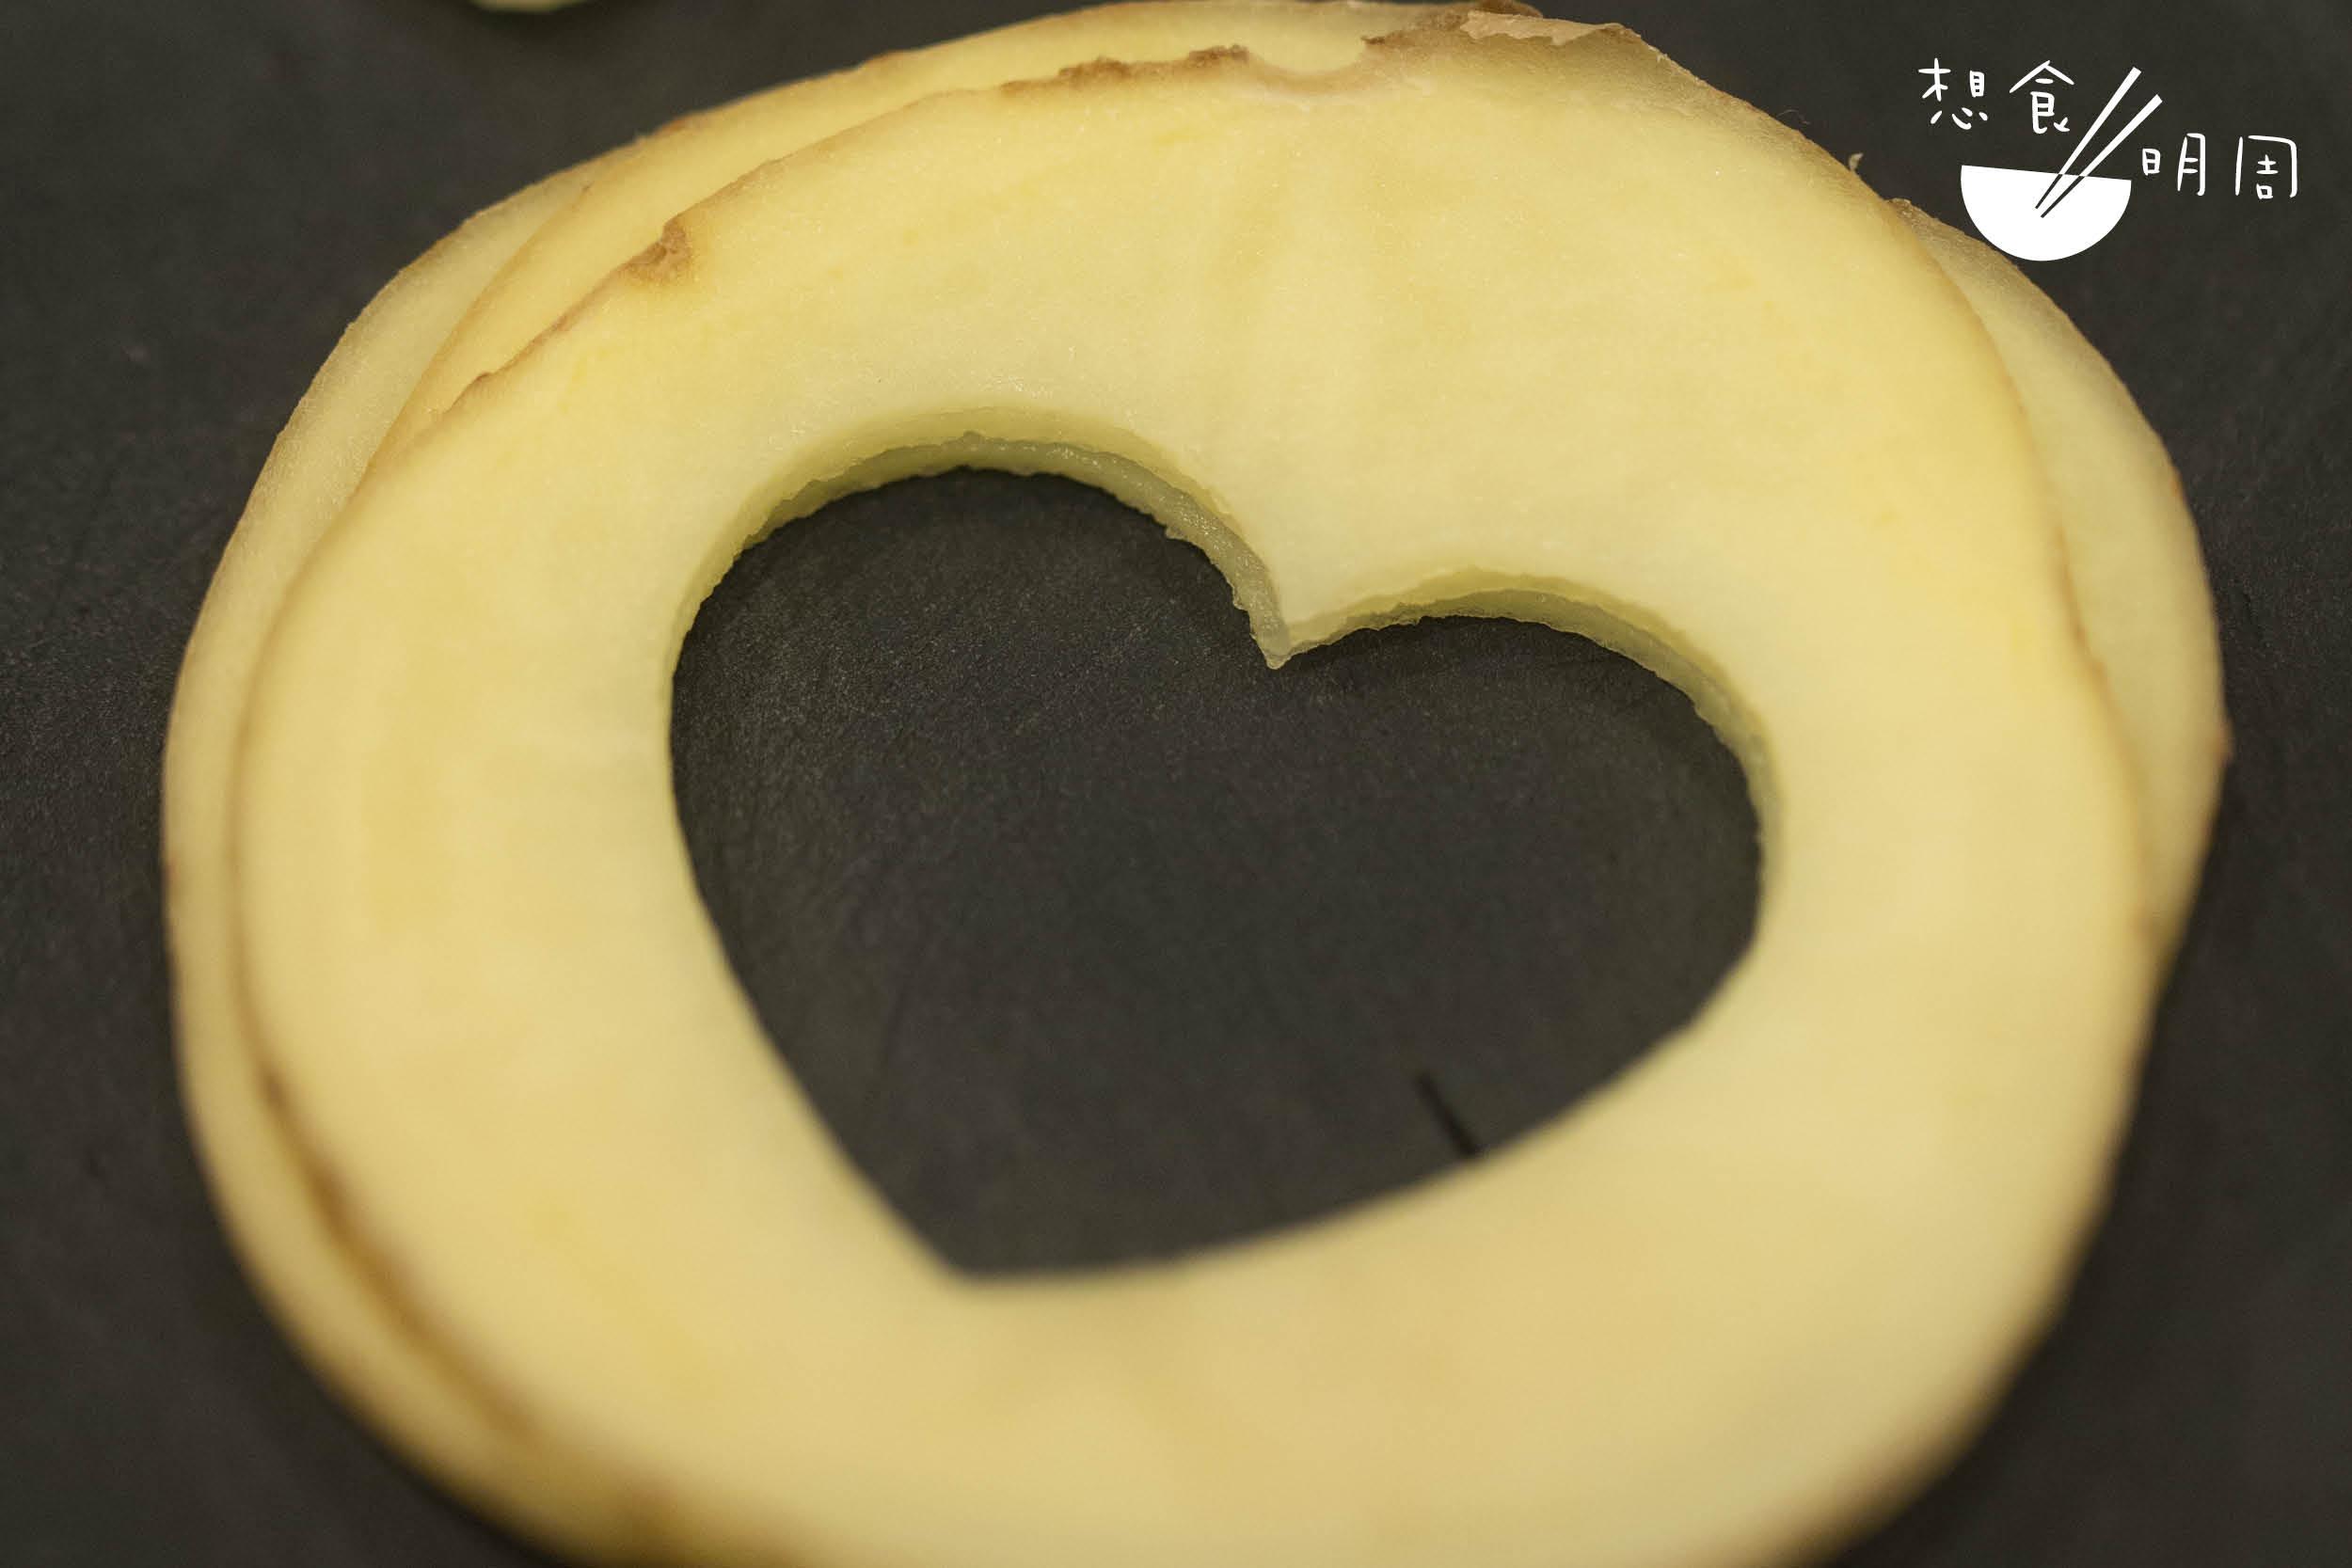 連計製作過程中的耗損,每粒 Argia薯仔只能製作出二至四粒心形pomme soufflé,每粒心何其珍貴。